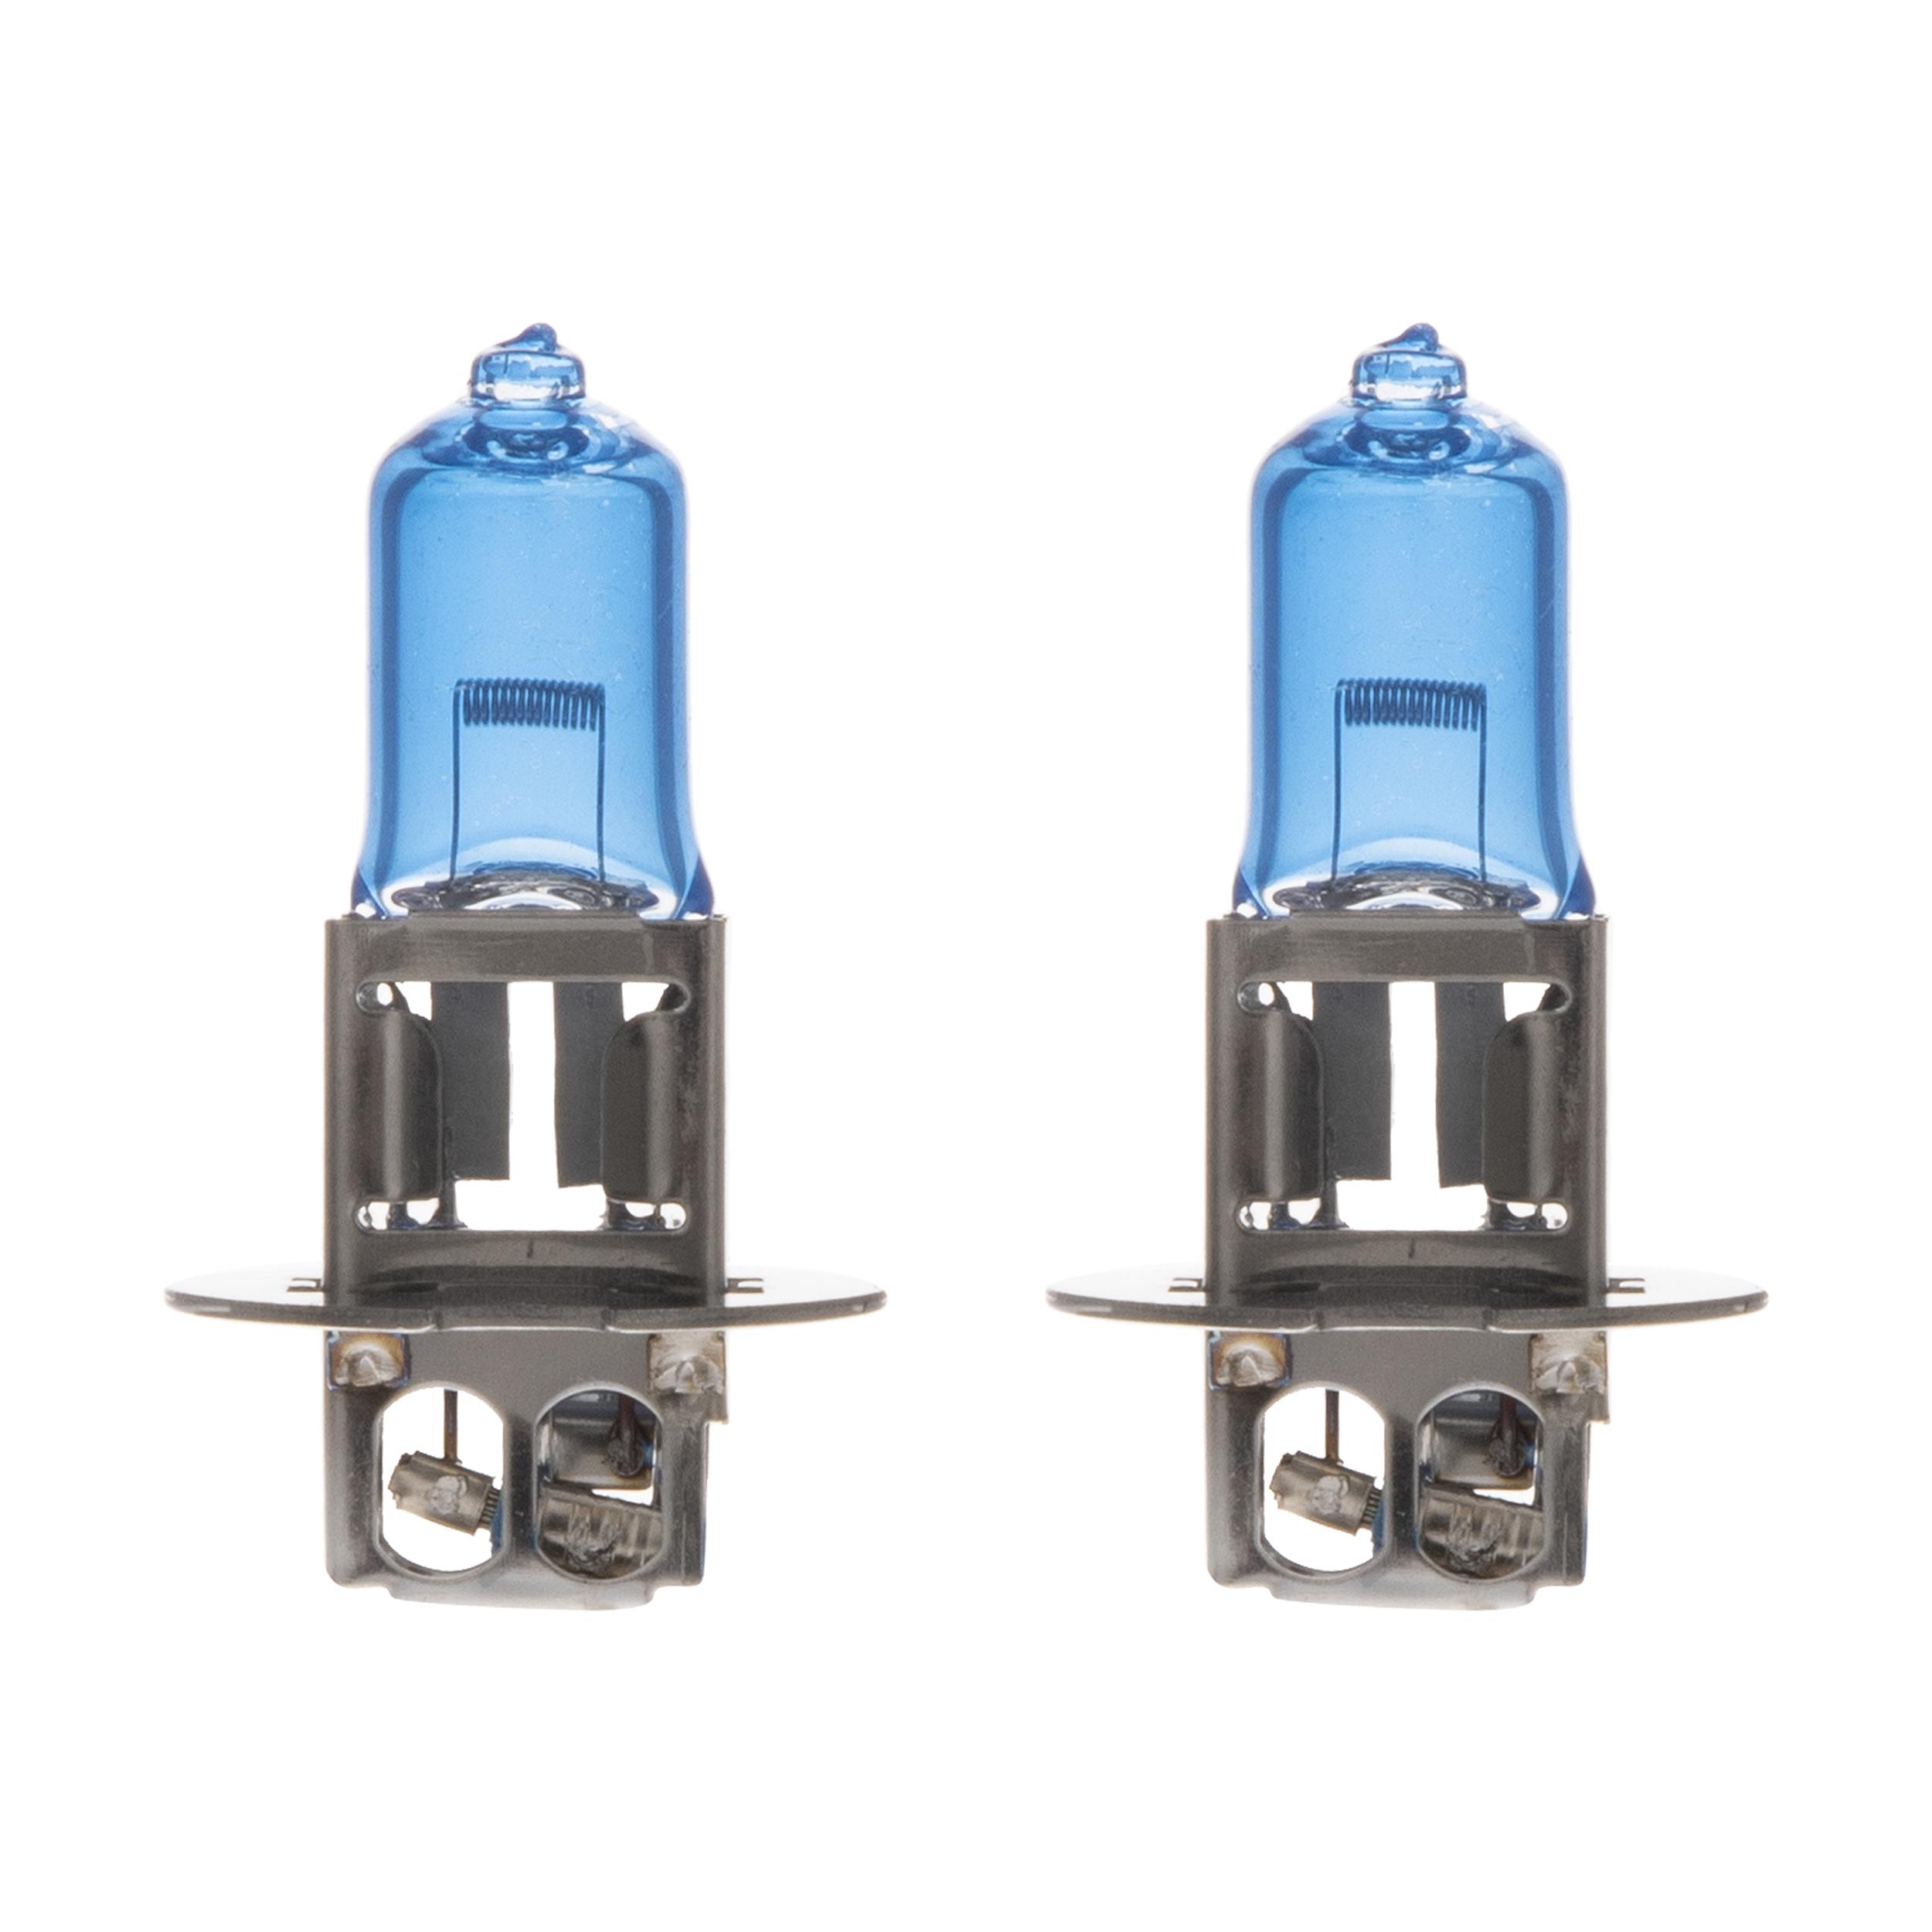 لامپ زنون خودرو ایگل مدل Plasma کد 004 بسته 2 عددی